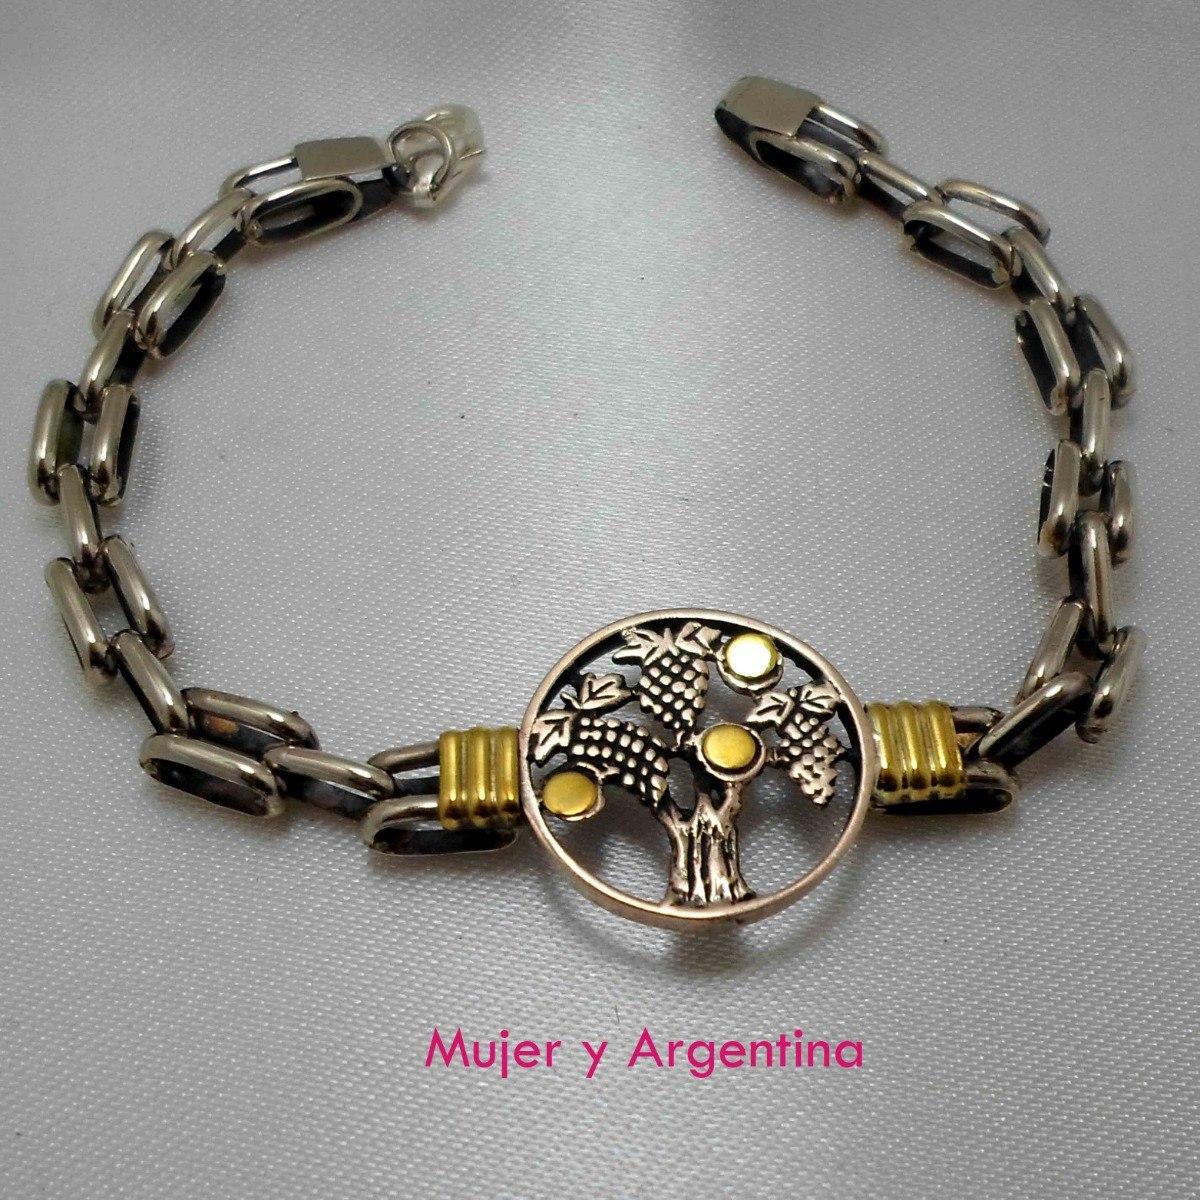 45f0b1b77c60 Pulsera Plata Y Oro Panther Con Dije Central. Largo 19 Cm -   824